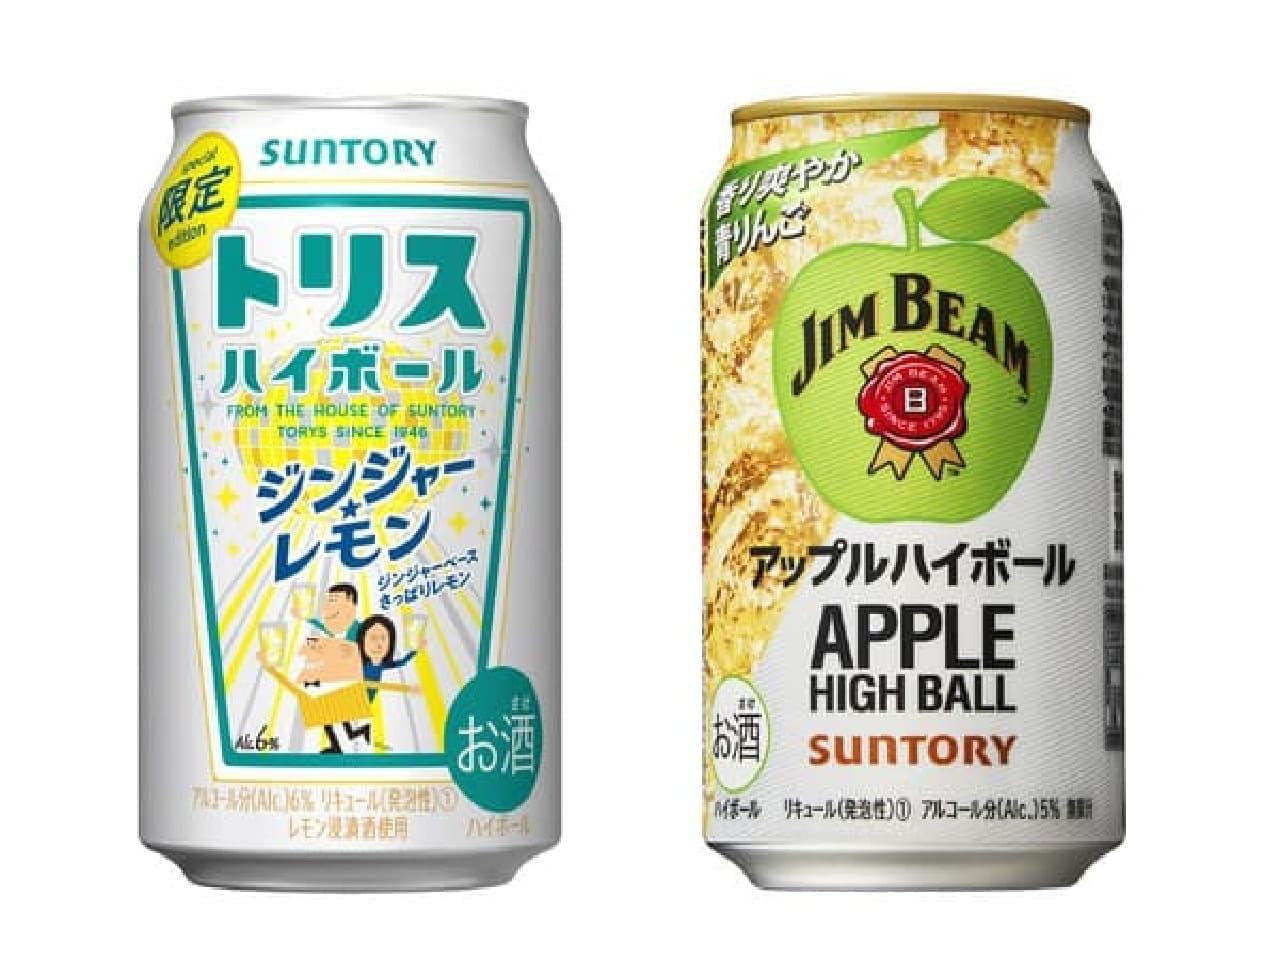 缶入りアルコール飲料「トリスハイボール缶〈ジンジャーレモン〉」「ジムビーム ハイボール缶〈アップルハイボール〉」